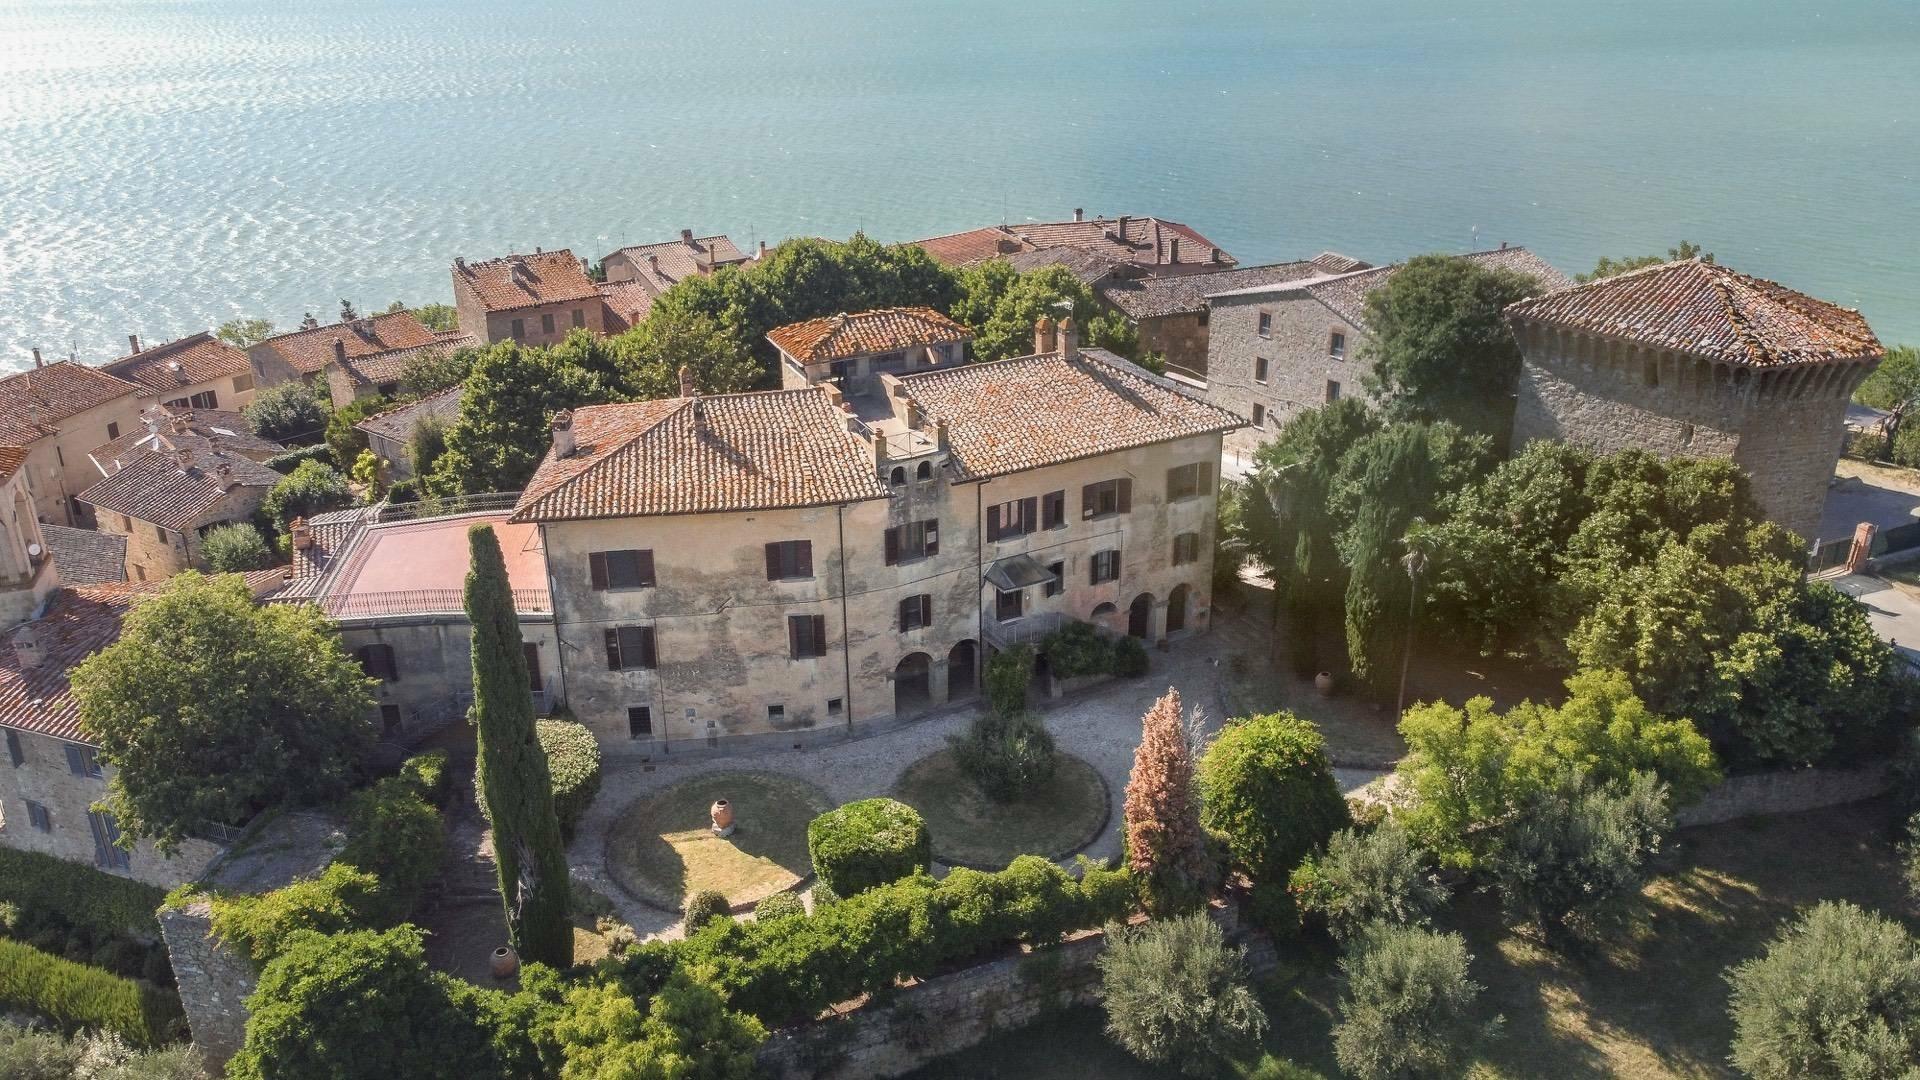 Umbria, Italy 1 - 11064512